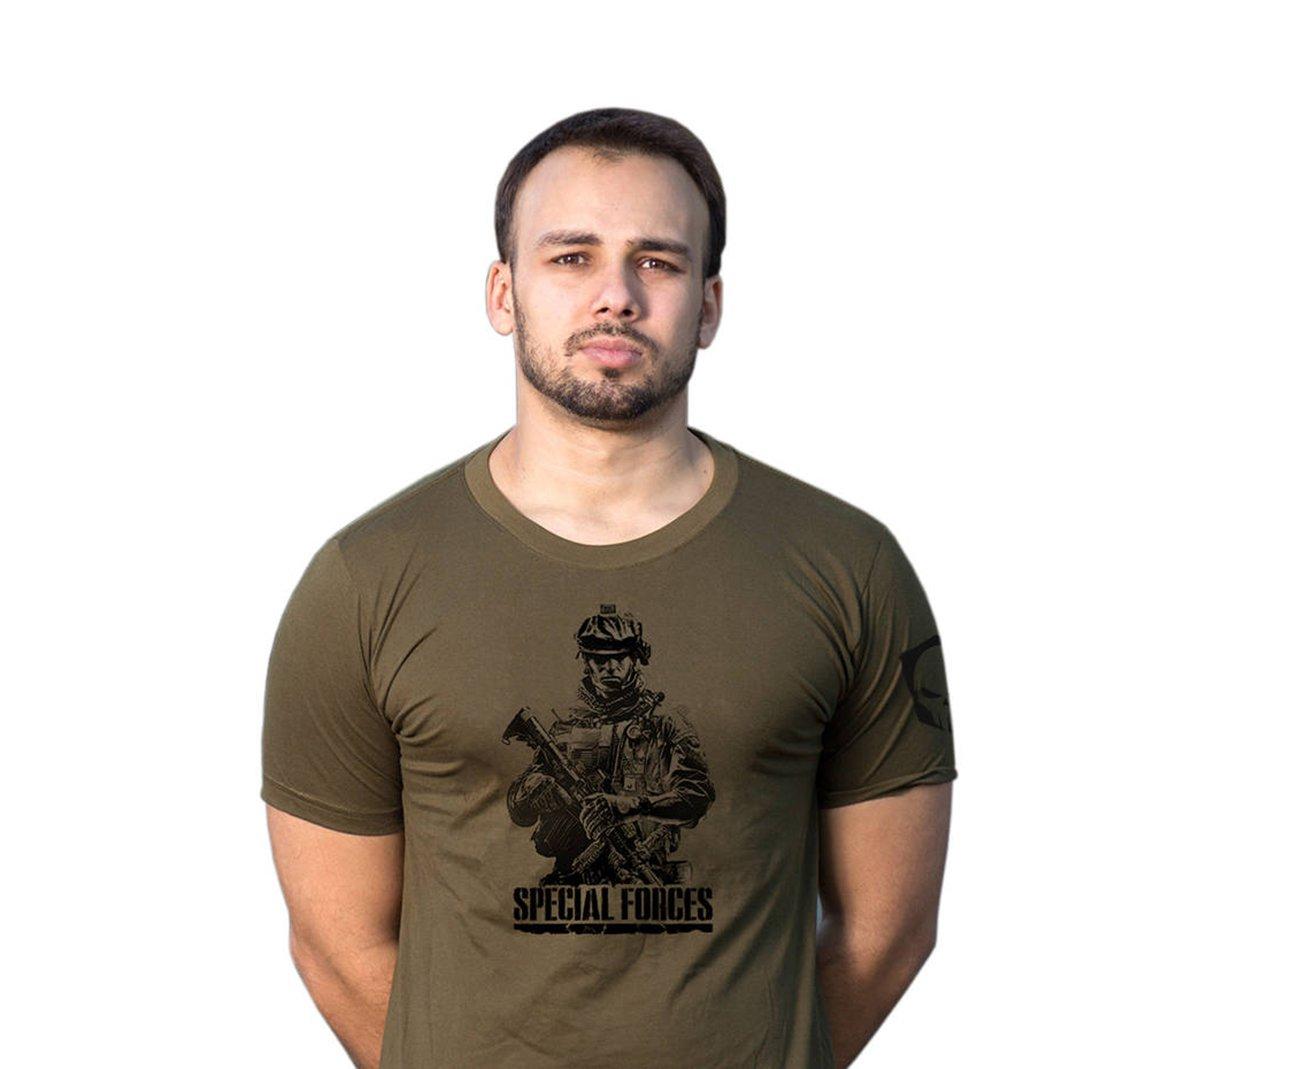 Camiseta Estampada Special Forces Verde -  Bravo